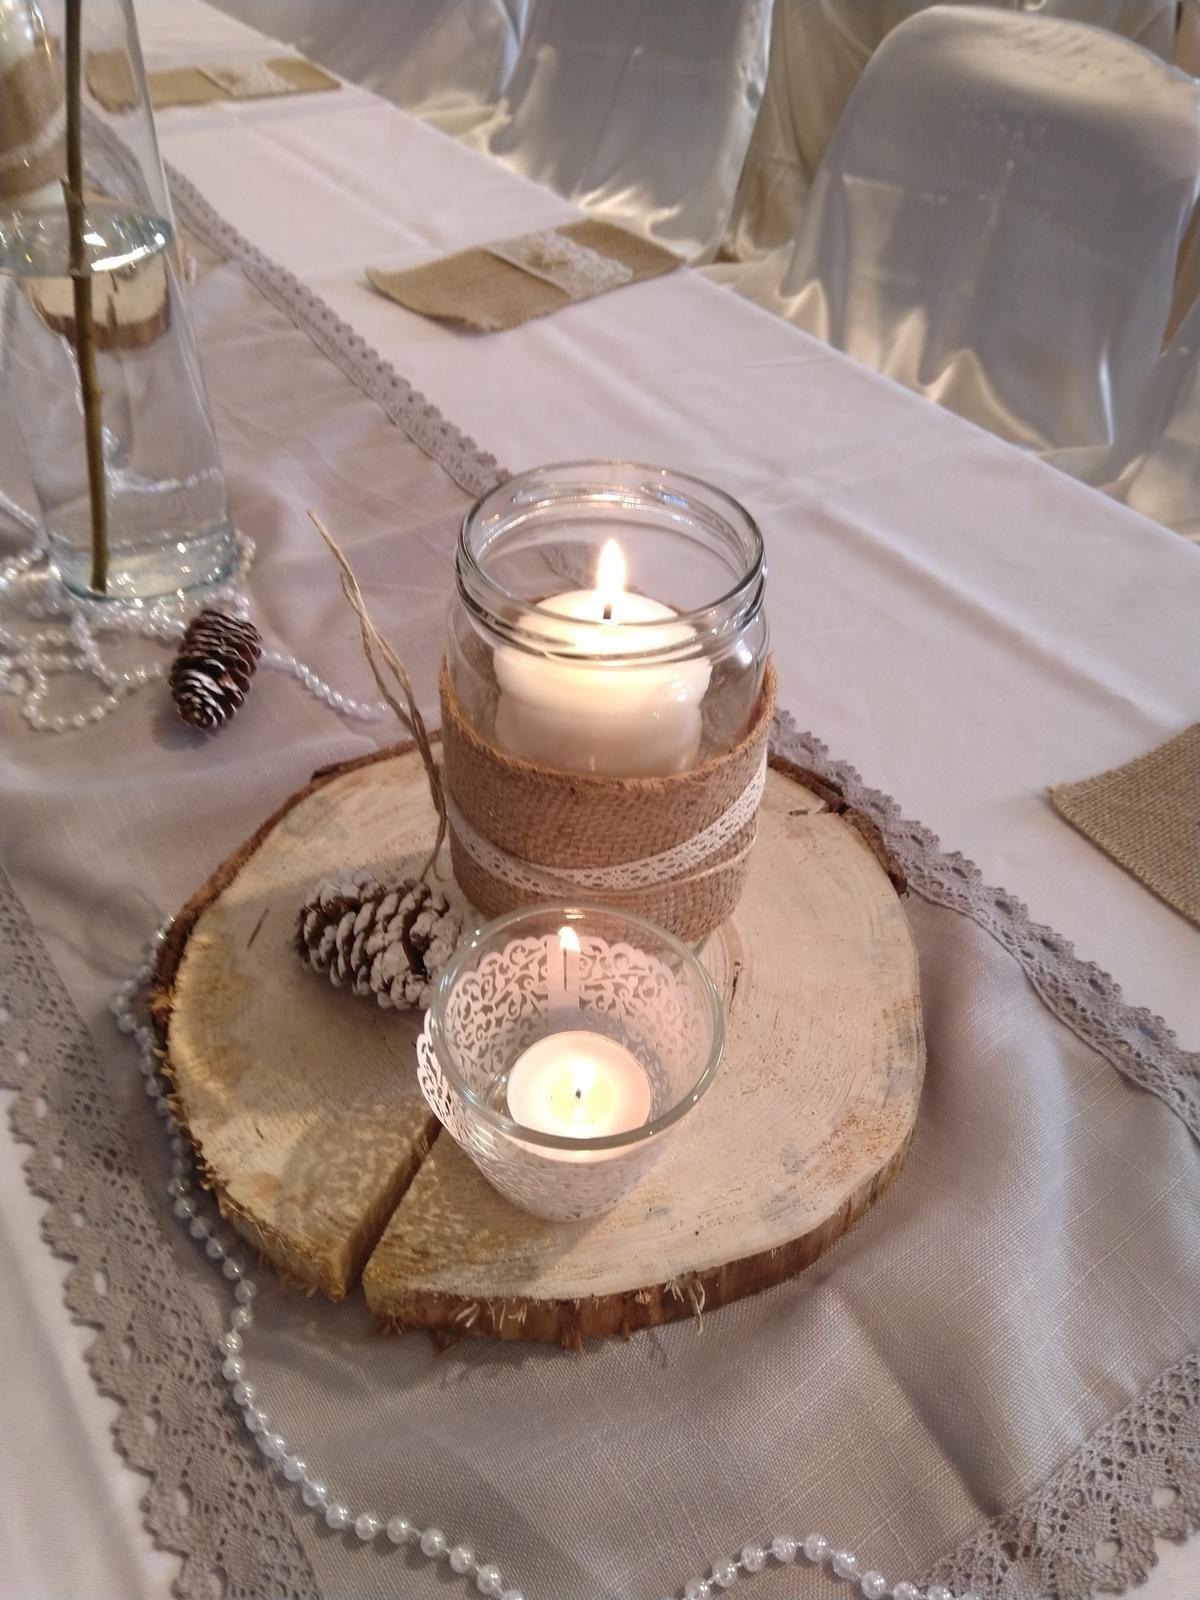 Svatební dekorace - potřeby - Obrázek č. 1